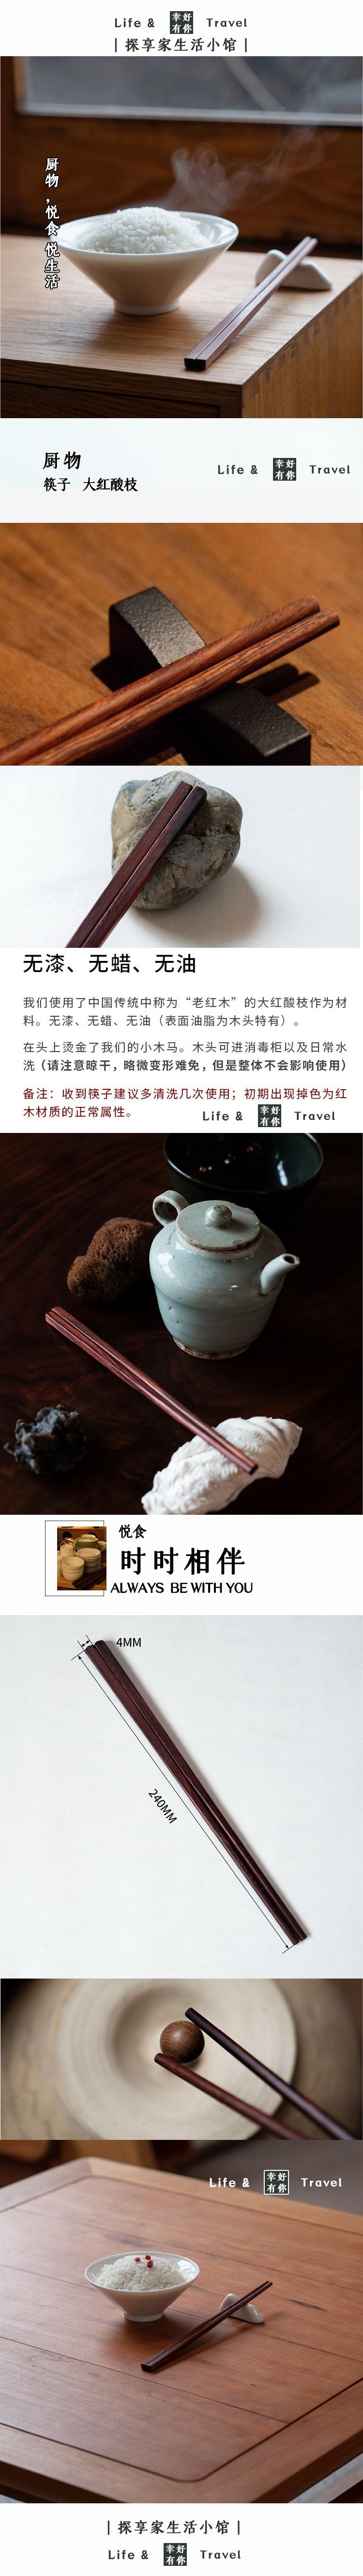 筷子自_01